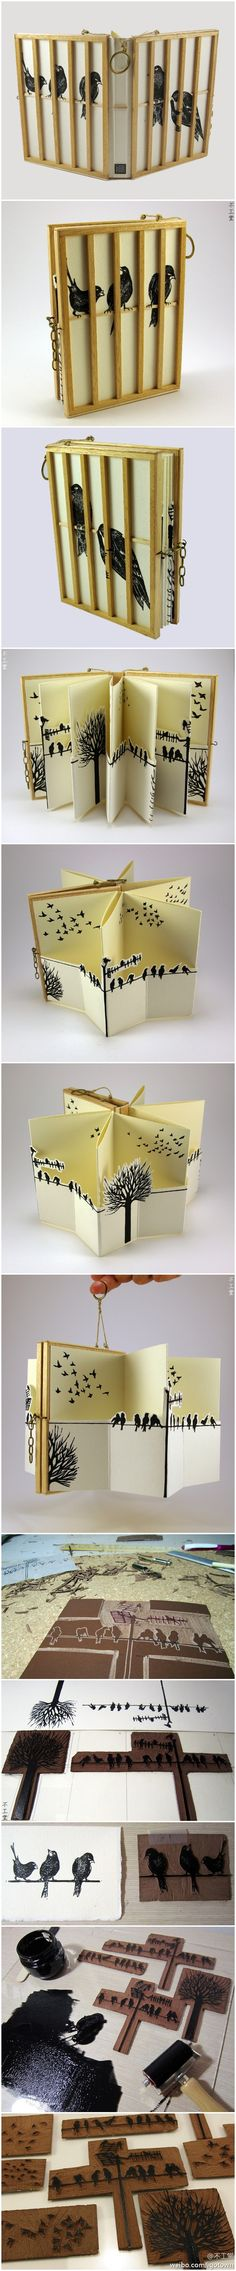 """Artist book """"Among Humans"""". By Cassandra Fernandez.  http://www.cassa-studio.com/work/"""